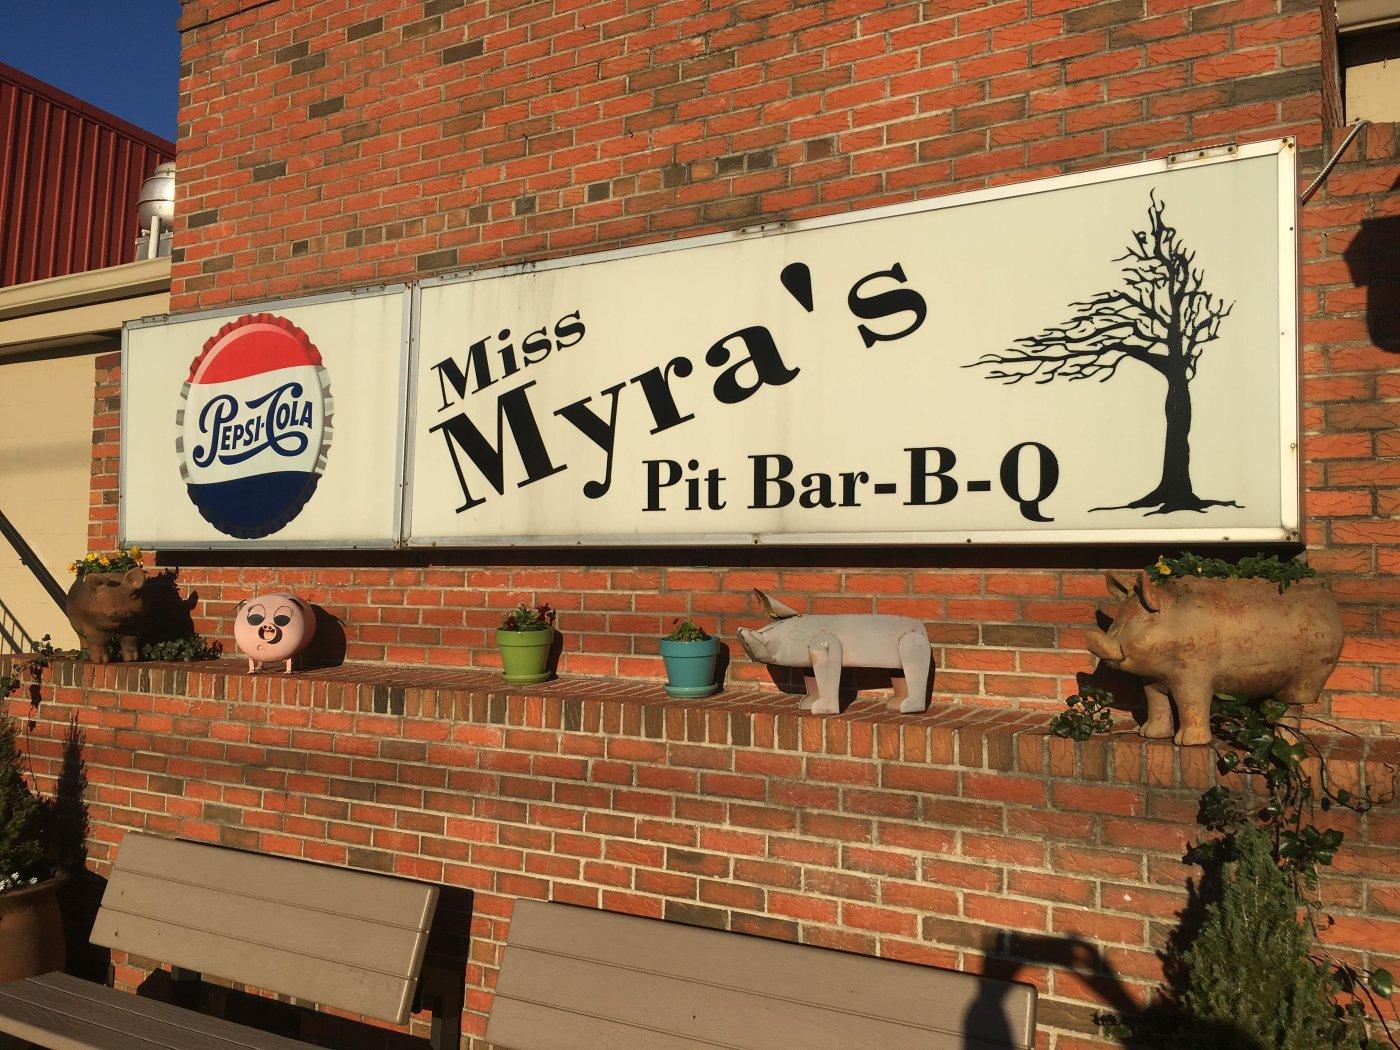 Miss Myra's Pit Bar-B-Q